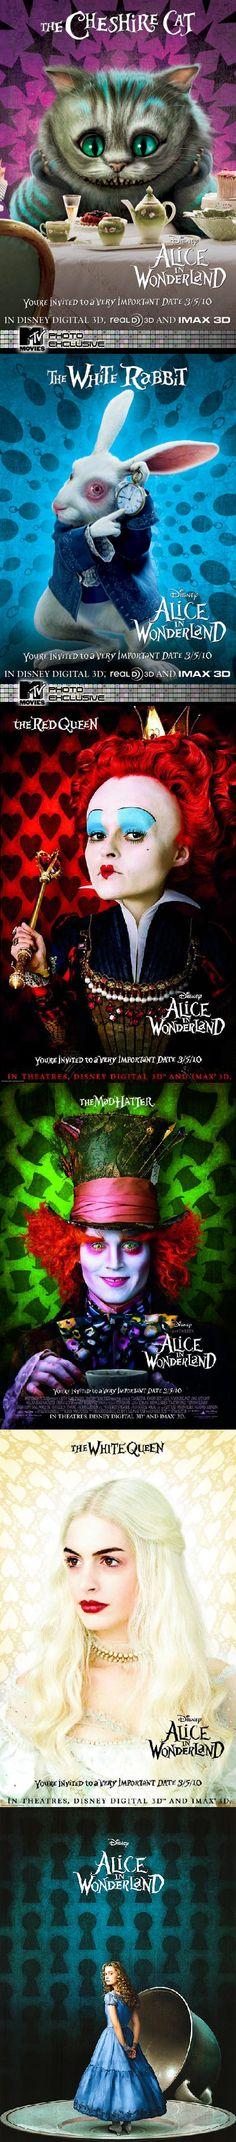 Alice In Wonderland - Tim Burton  Absolutely love this movie